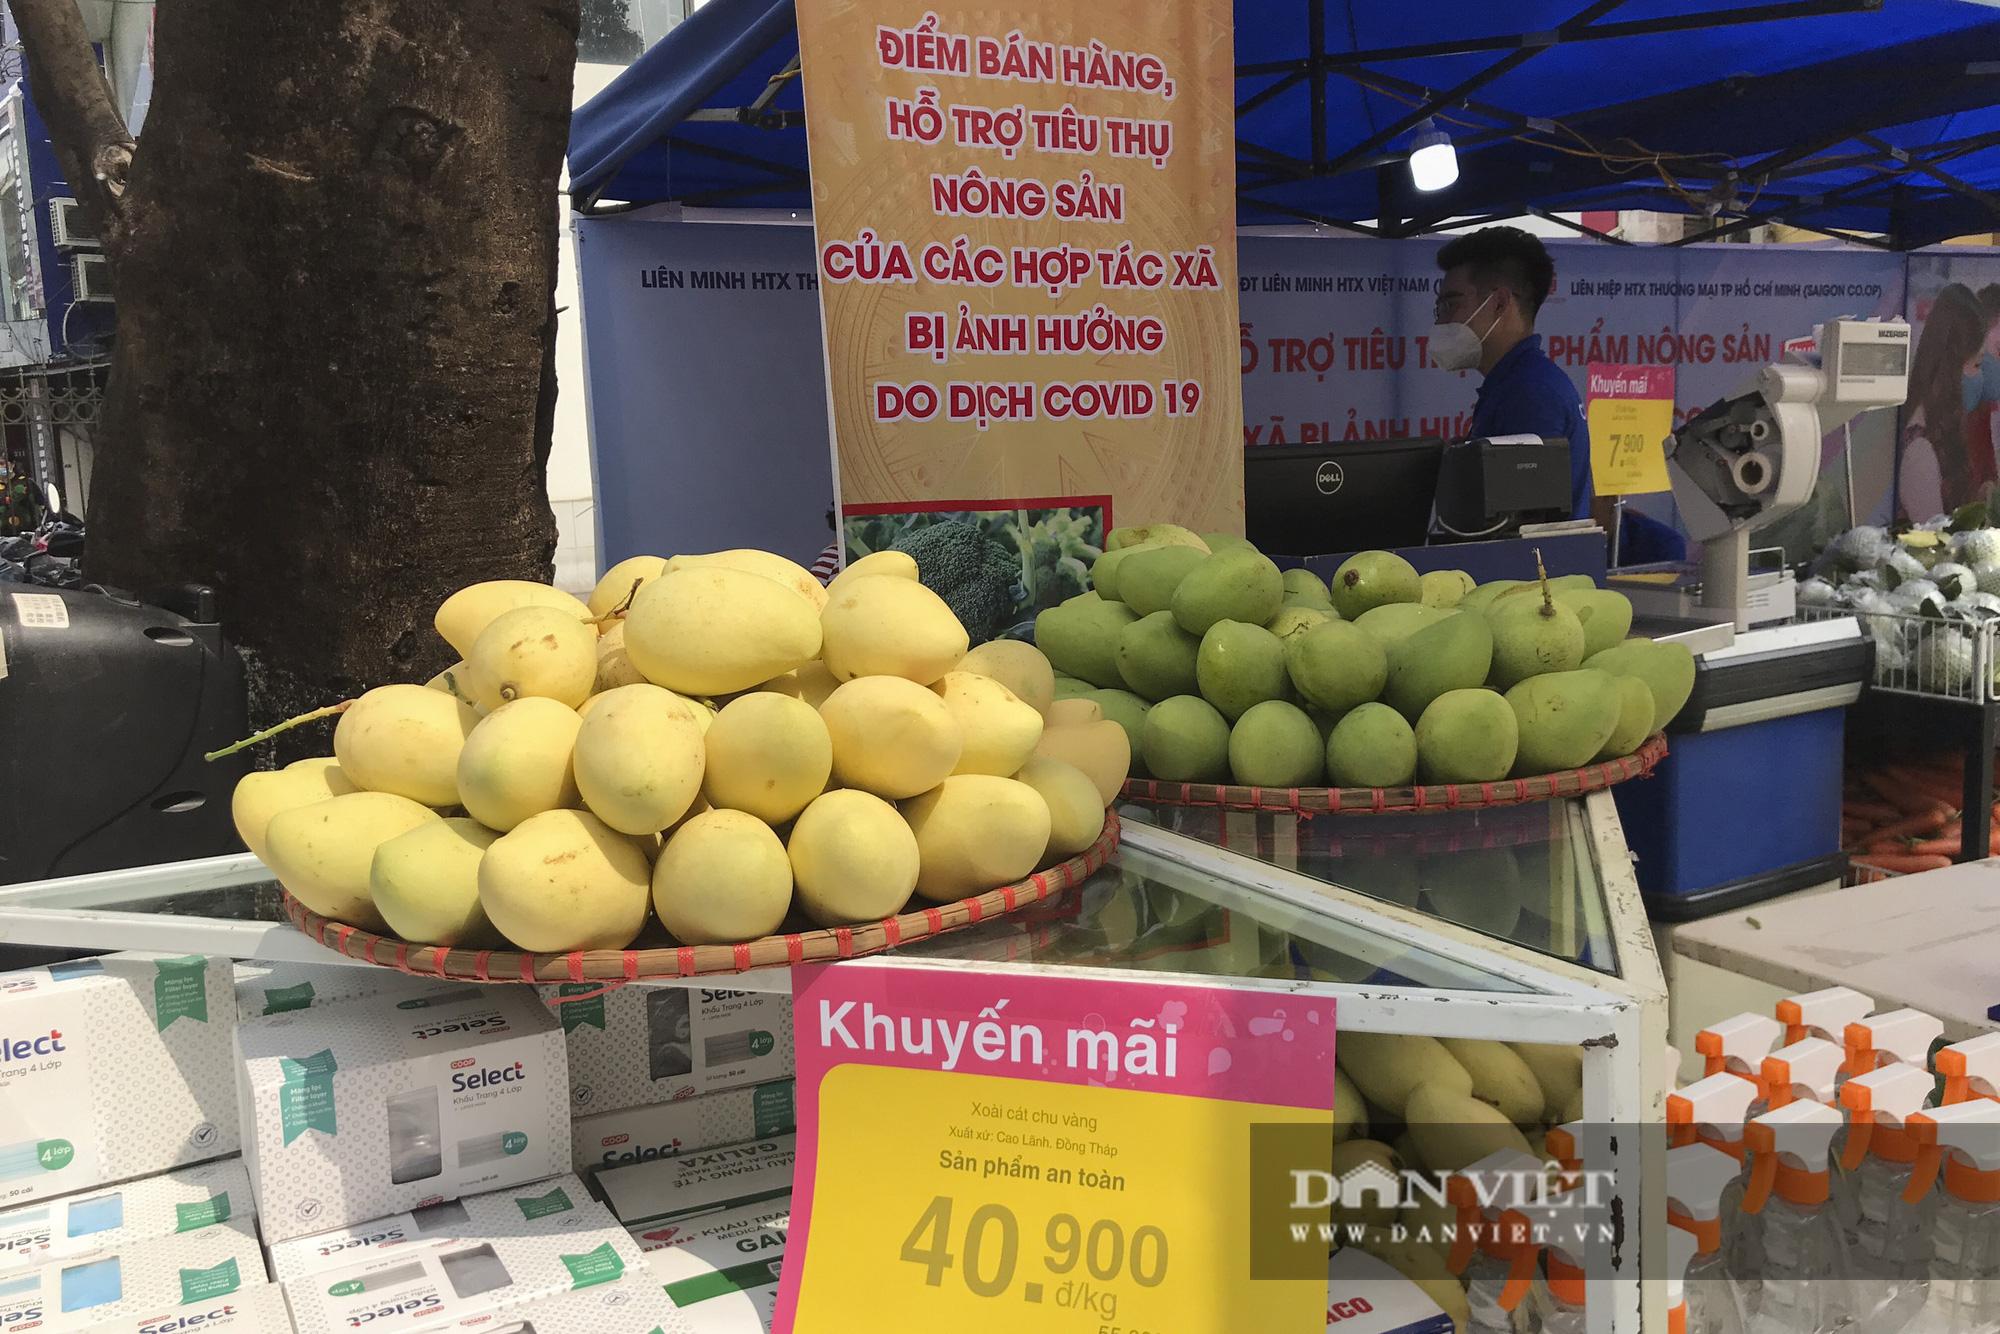 Nhiều hệ thống siêu thị Hà Nội bắt đầu bán nông sản Hải Dương - Ảnh 10.